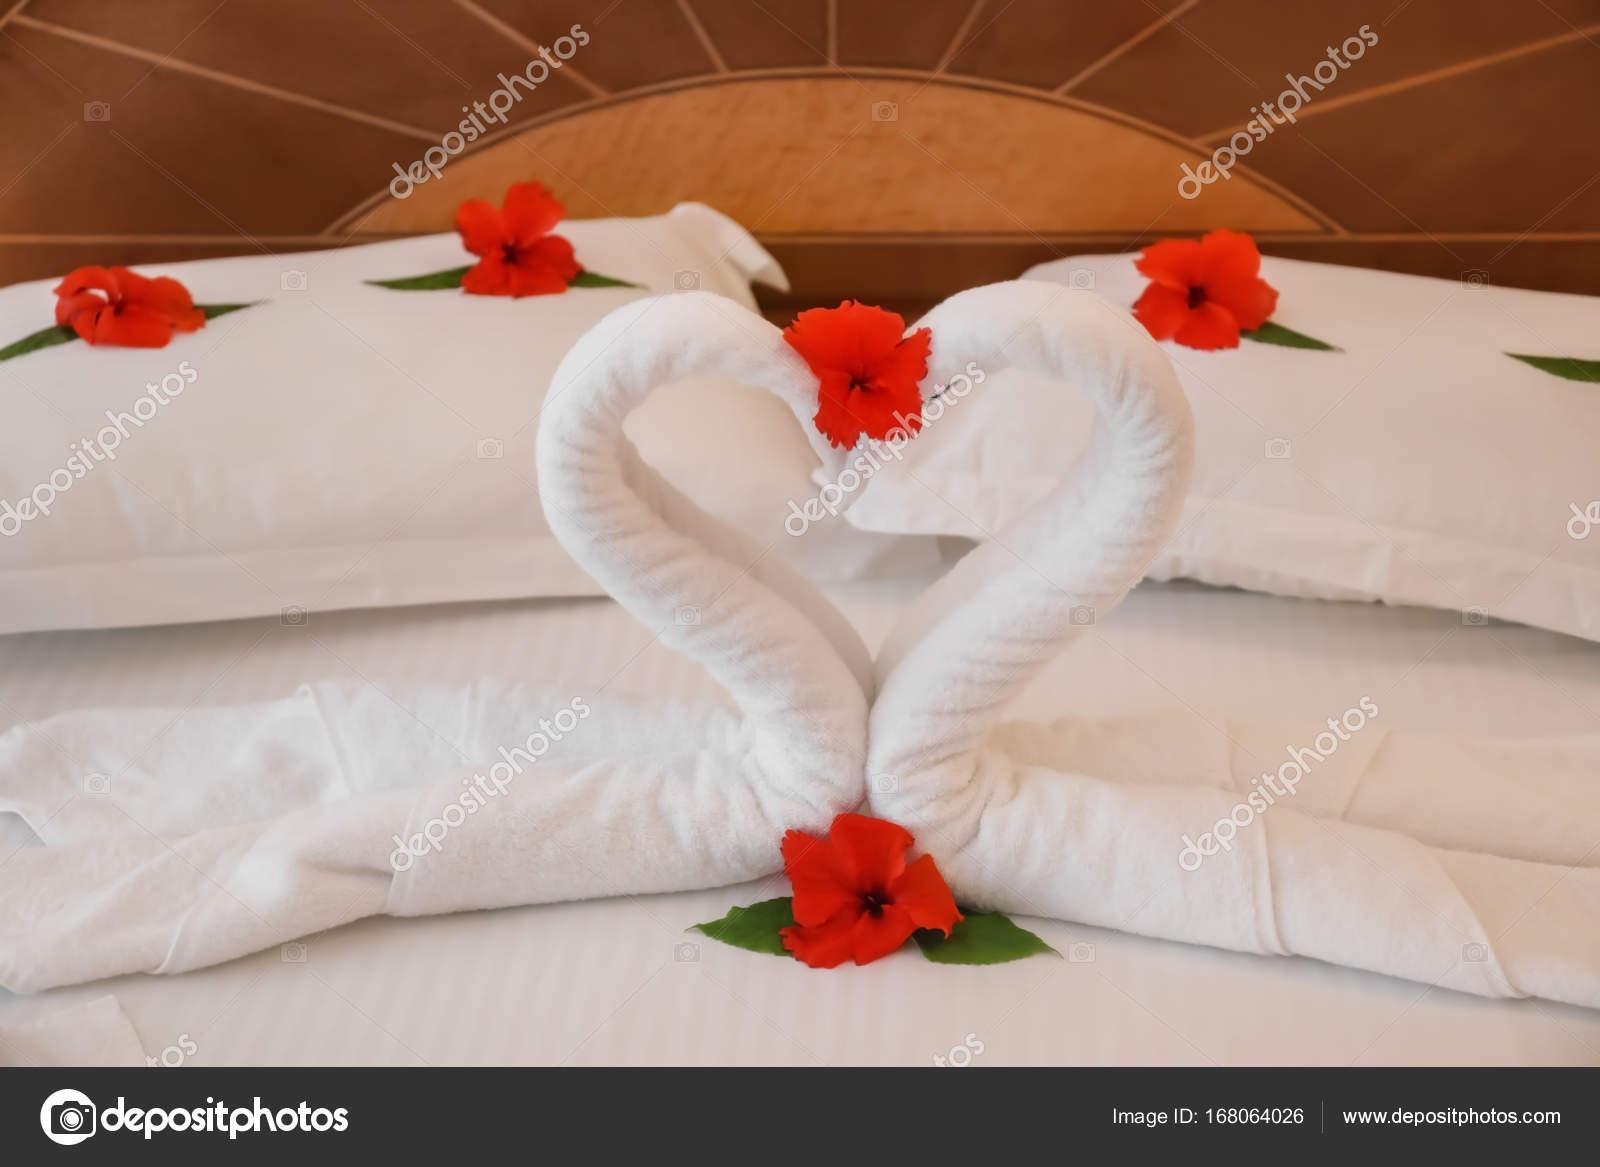 Floral Decoracion Y Toallas Cisnes En Cama En Habitacion De Hotel - Decoracion-con-toallas